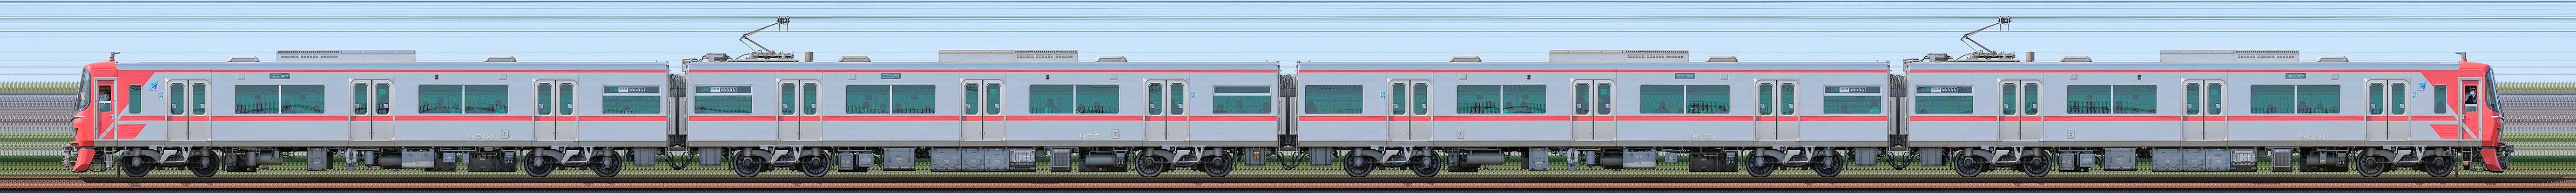 名鉄9500系9501編成(山側)の編成サイドビュー